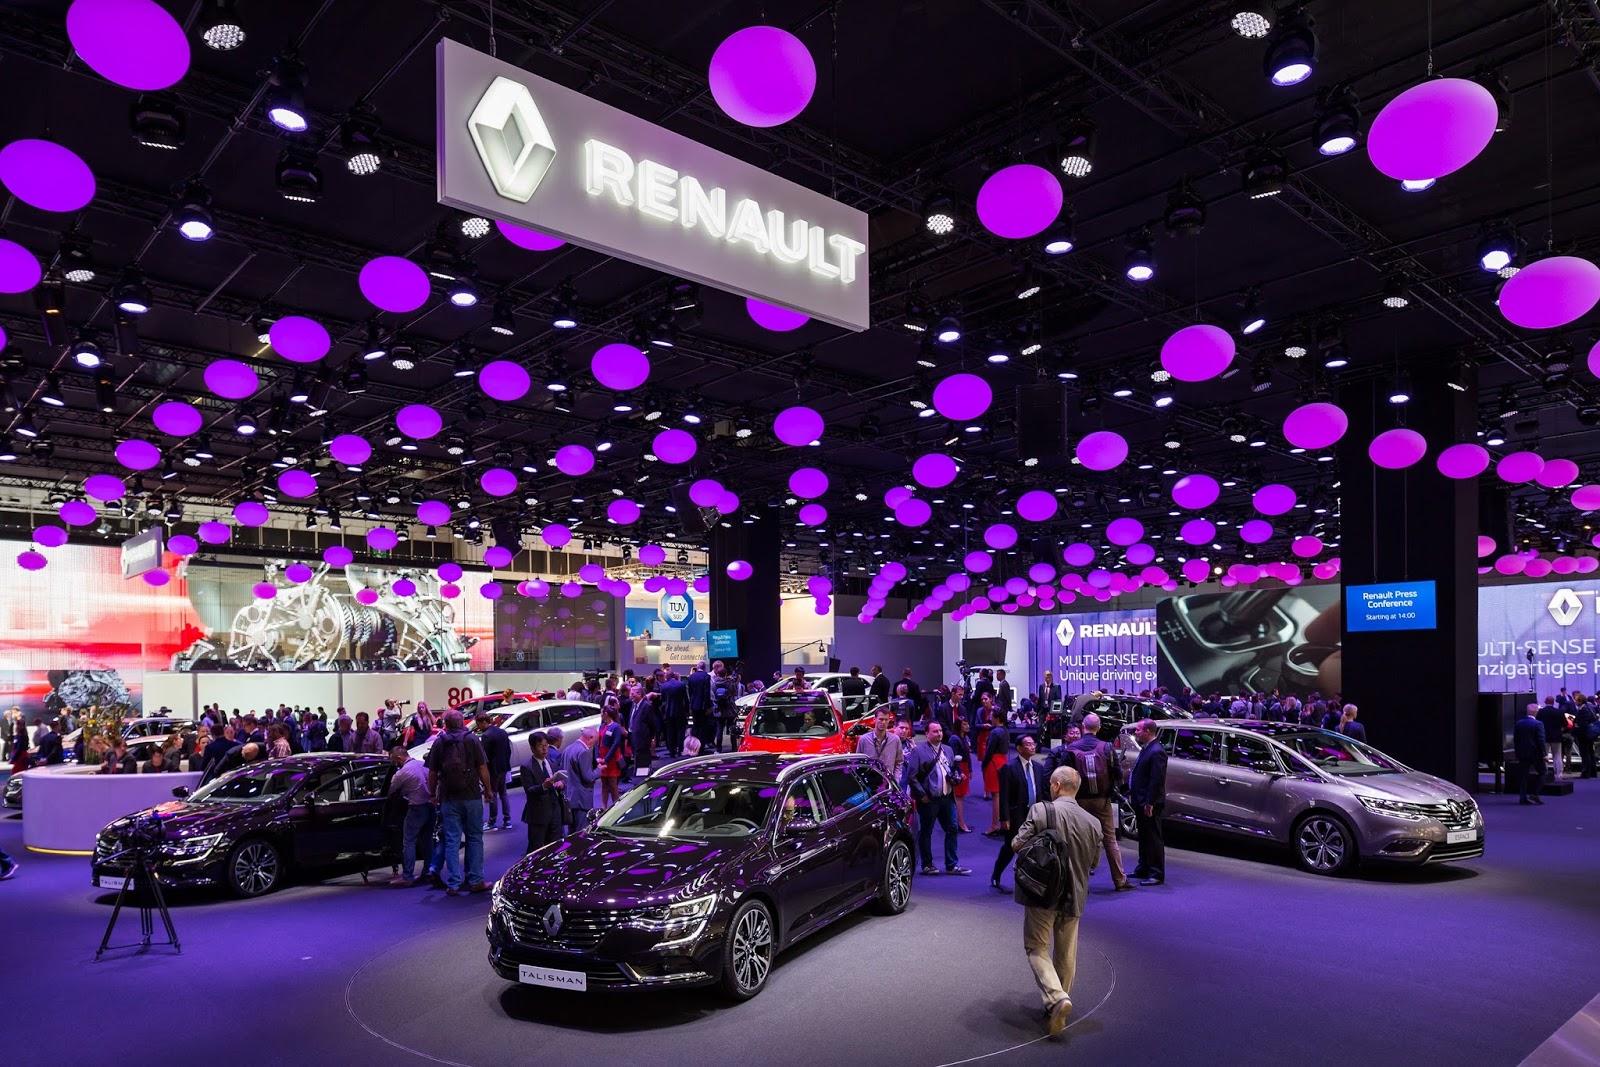 %25CE%25A0%25CE%25B5%25CF%2581%25CE%25AF%25CF%2580%25CF%2584%25CE%25B5%25CF%2581%25CE%25BF RENAULT Το νέο Renault Mégane παρουσιάστηκε στην διεθνή έκθεση της Φρανκφούρτης με έκδοση GT και 205 ίππους Renault, Renault Megane, Renault Talisman, Renault Talisman Estate, ΣΑΛΟΝΙ ΑΥΤΟΚΙΝΗΤΟΥΦΡΑΝΚΦΟΥΡΤΗΣ 2015